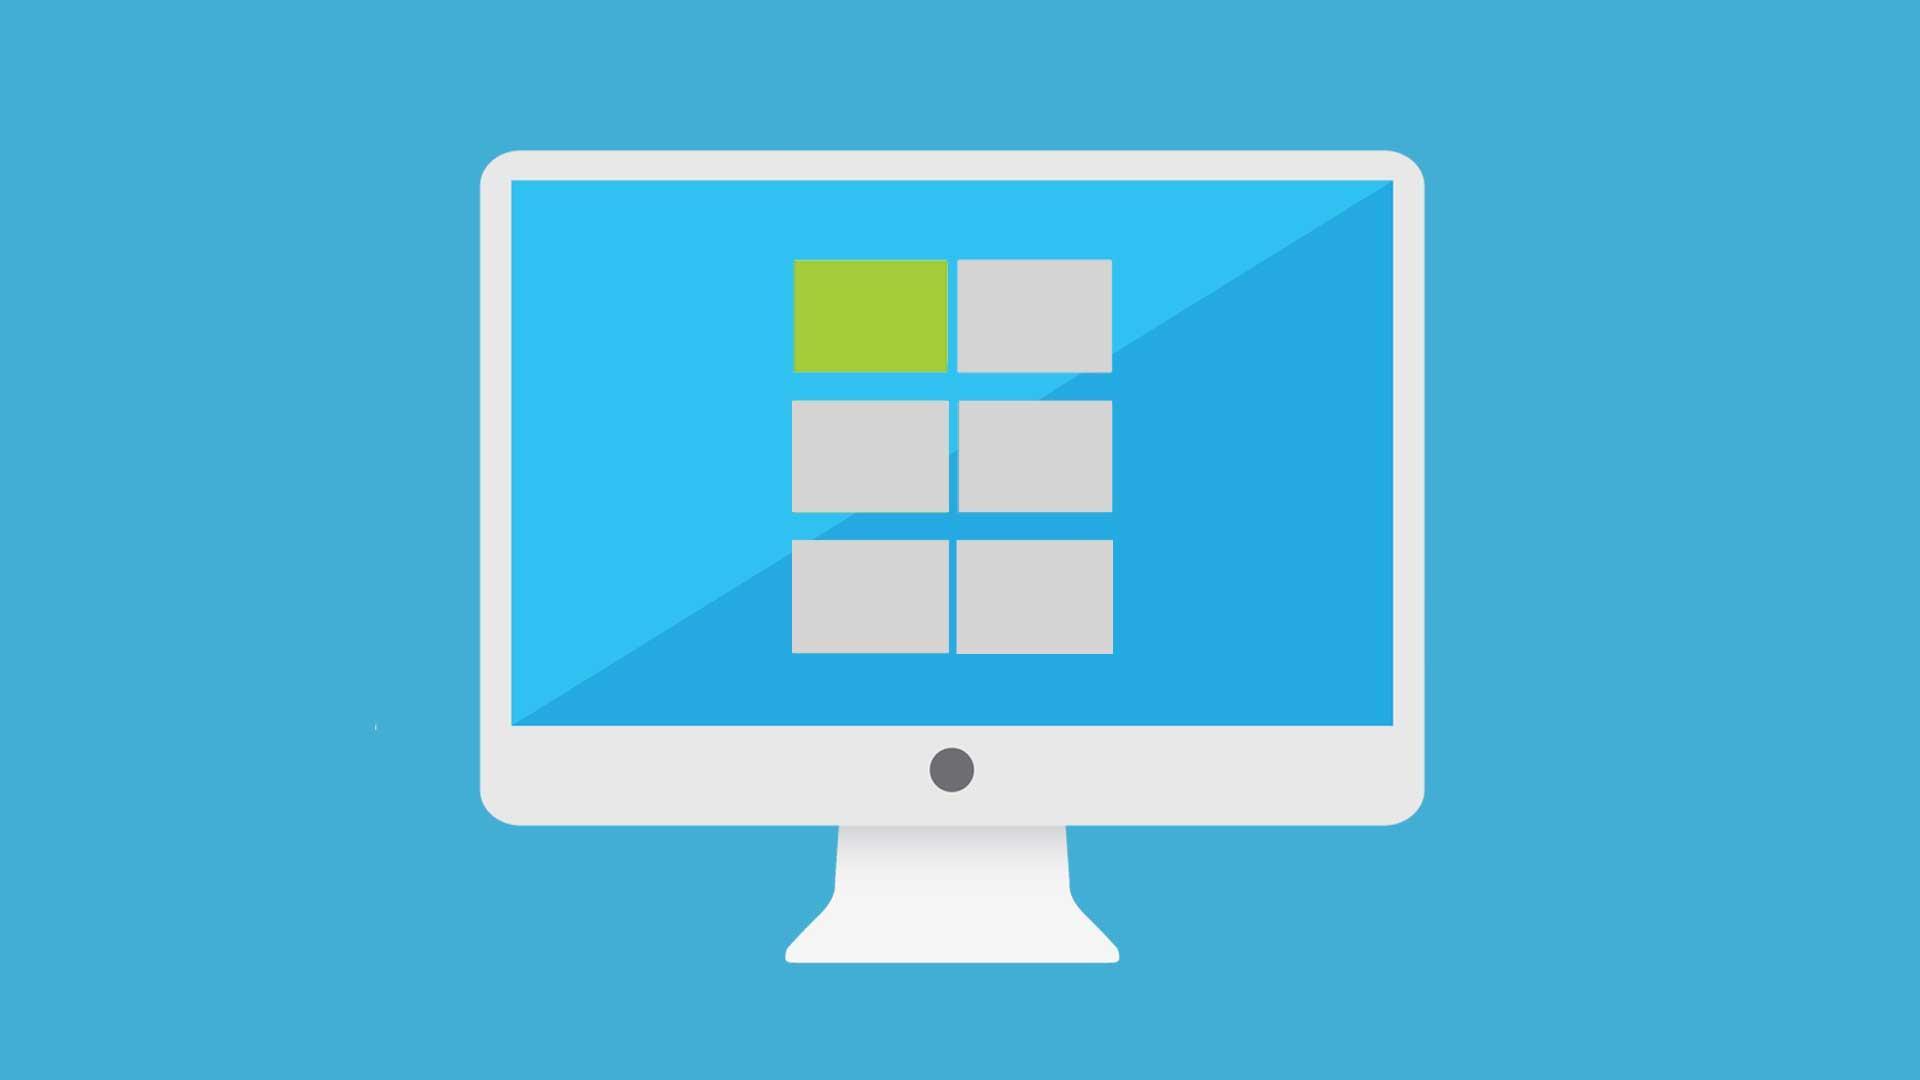 Curso de CSS3 Aula 02 - A especificidade do CSS | Curso de HTML5 Aula 12